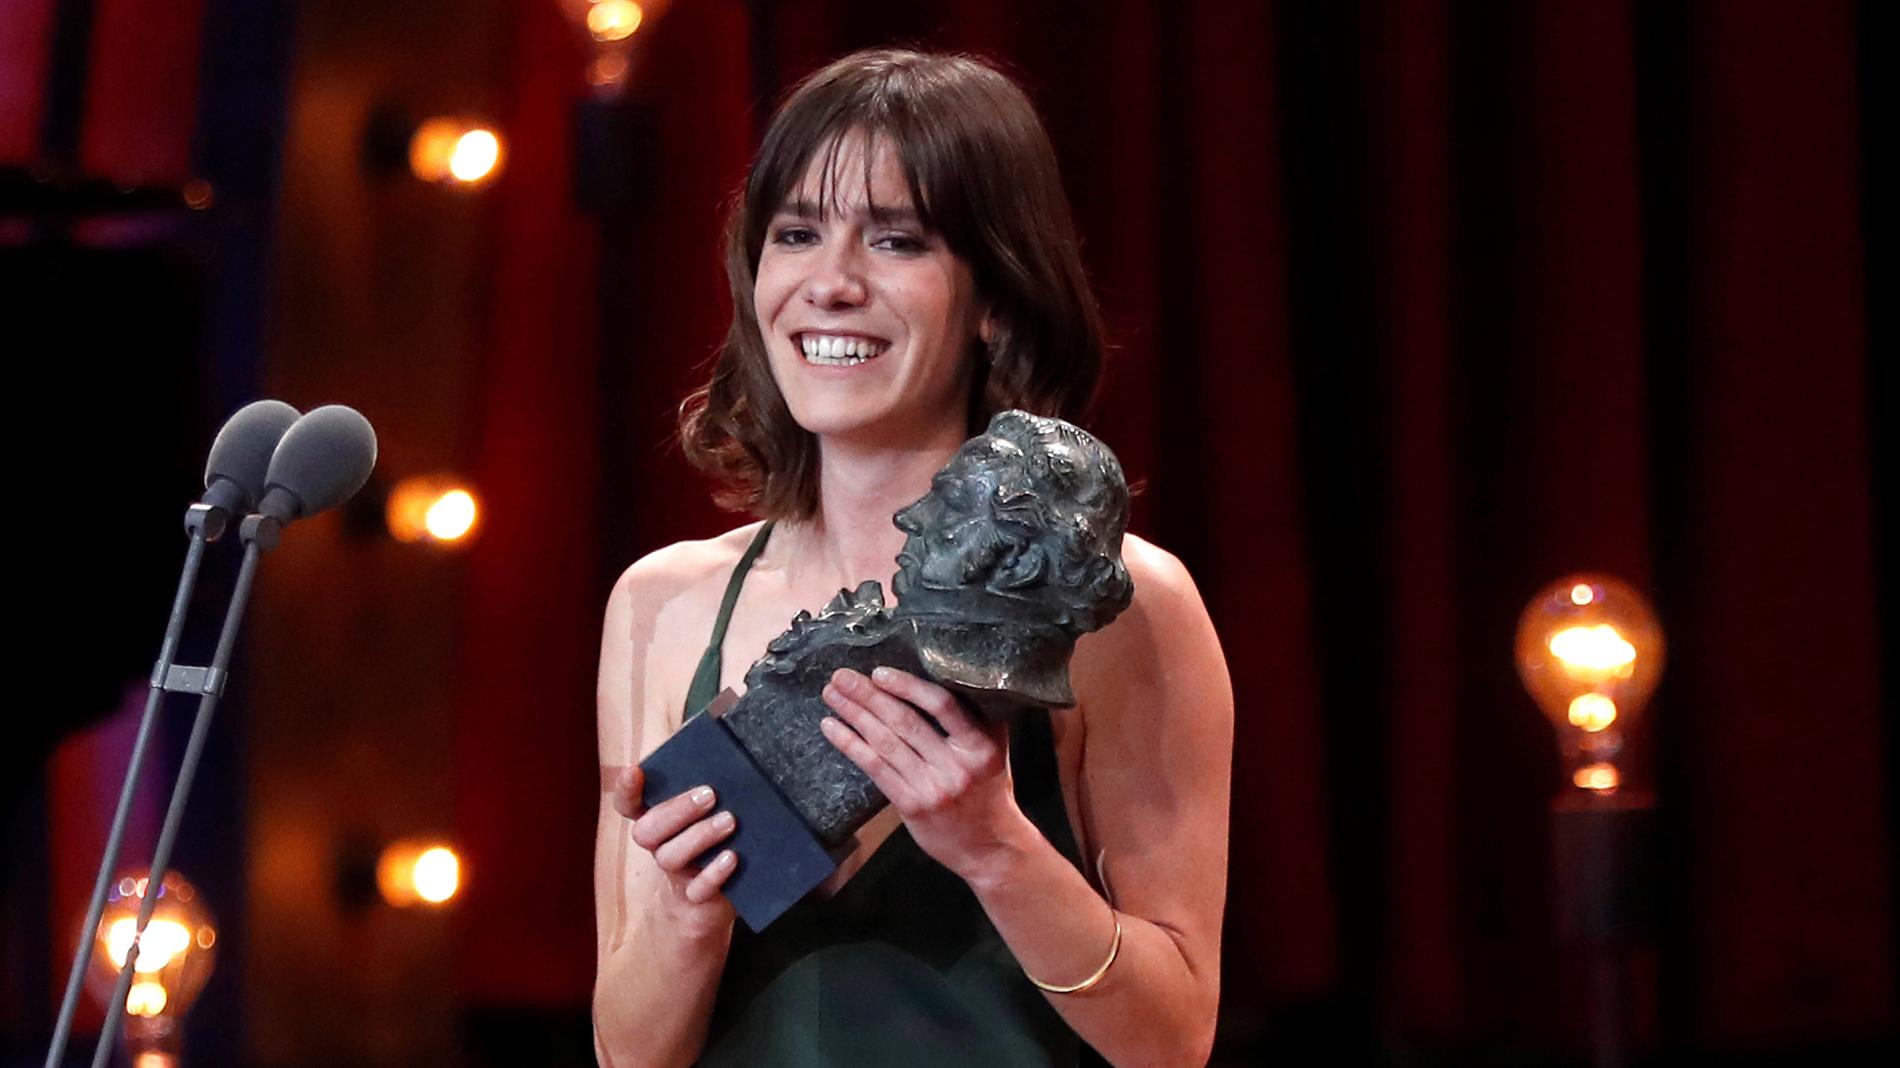 Premios Goya 2018 Bruna Cusí A La Mejor Actriz Revelación Por Verano De 1993 Rtve Es